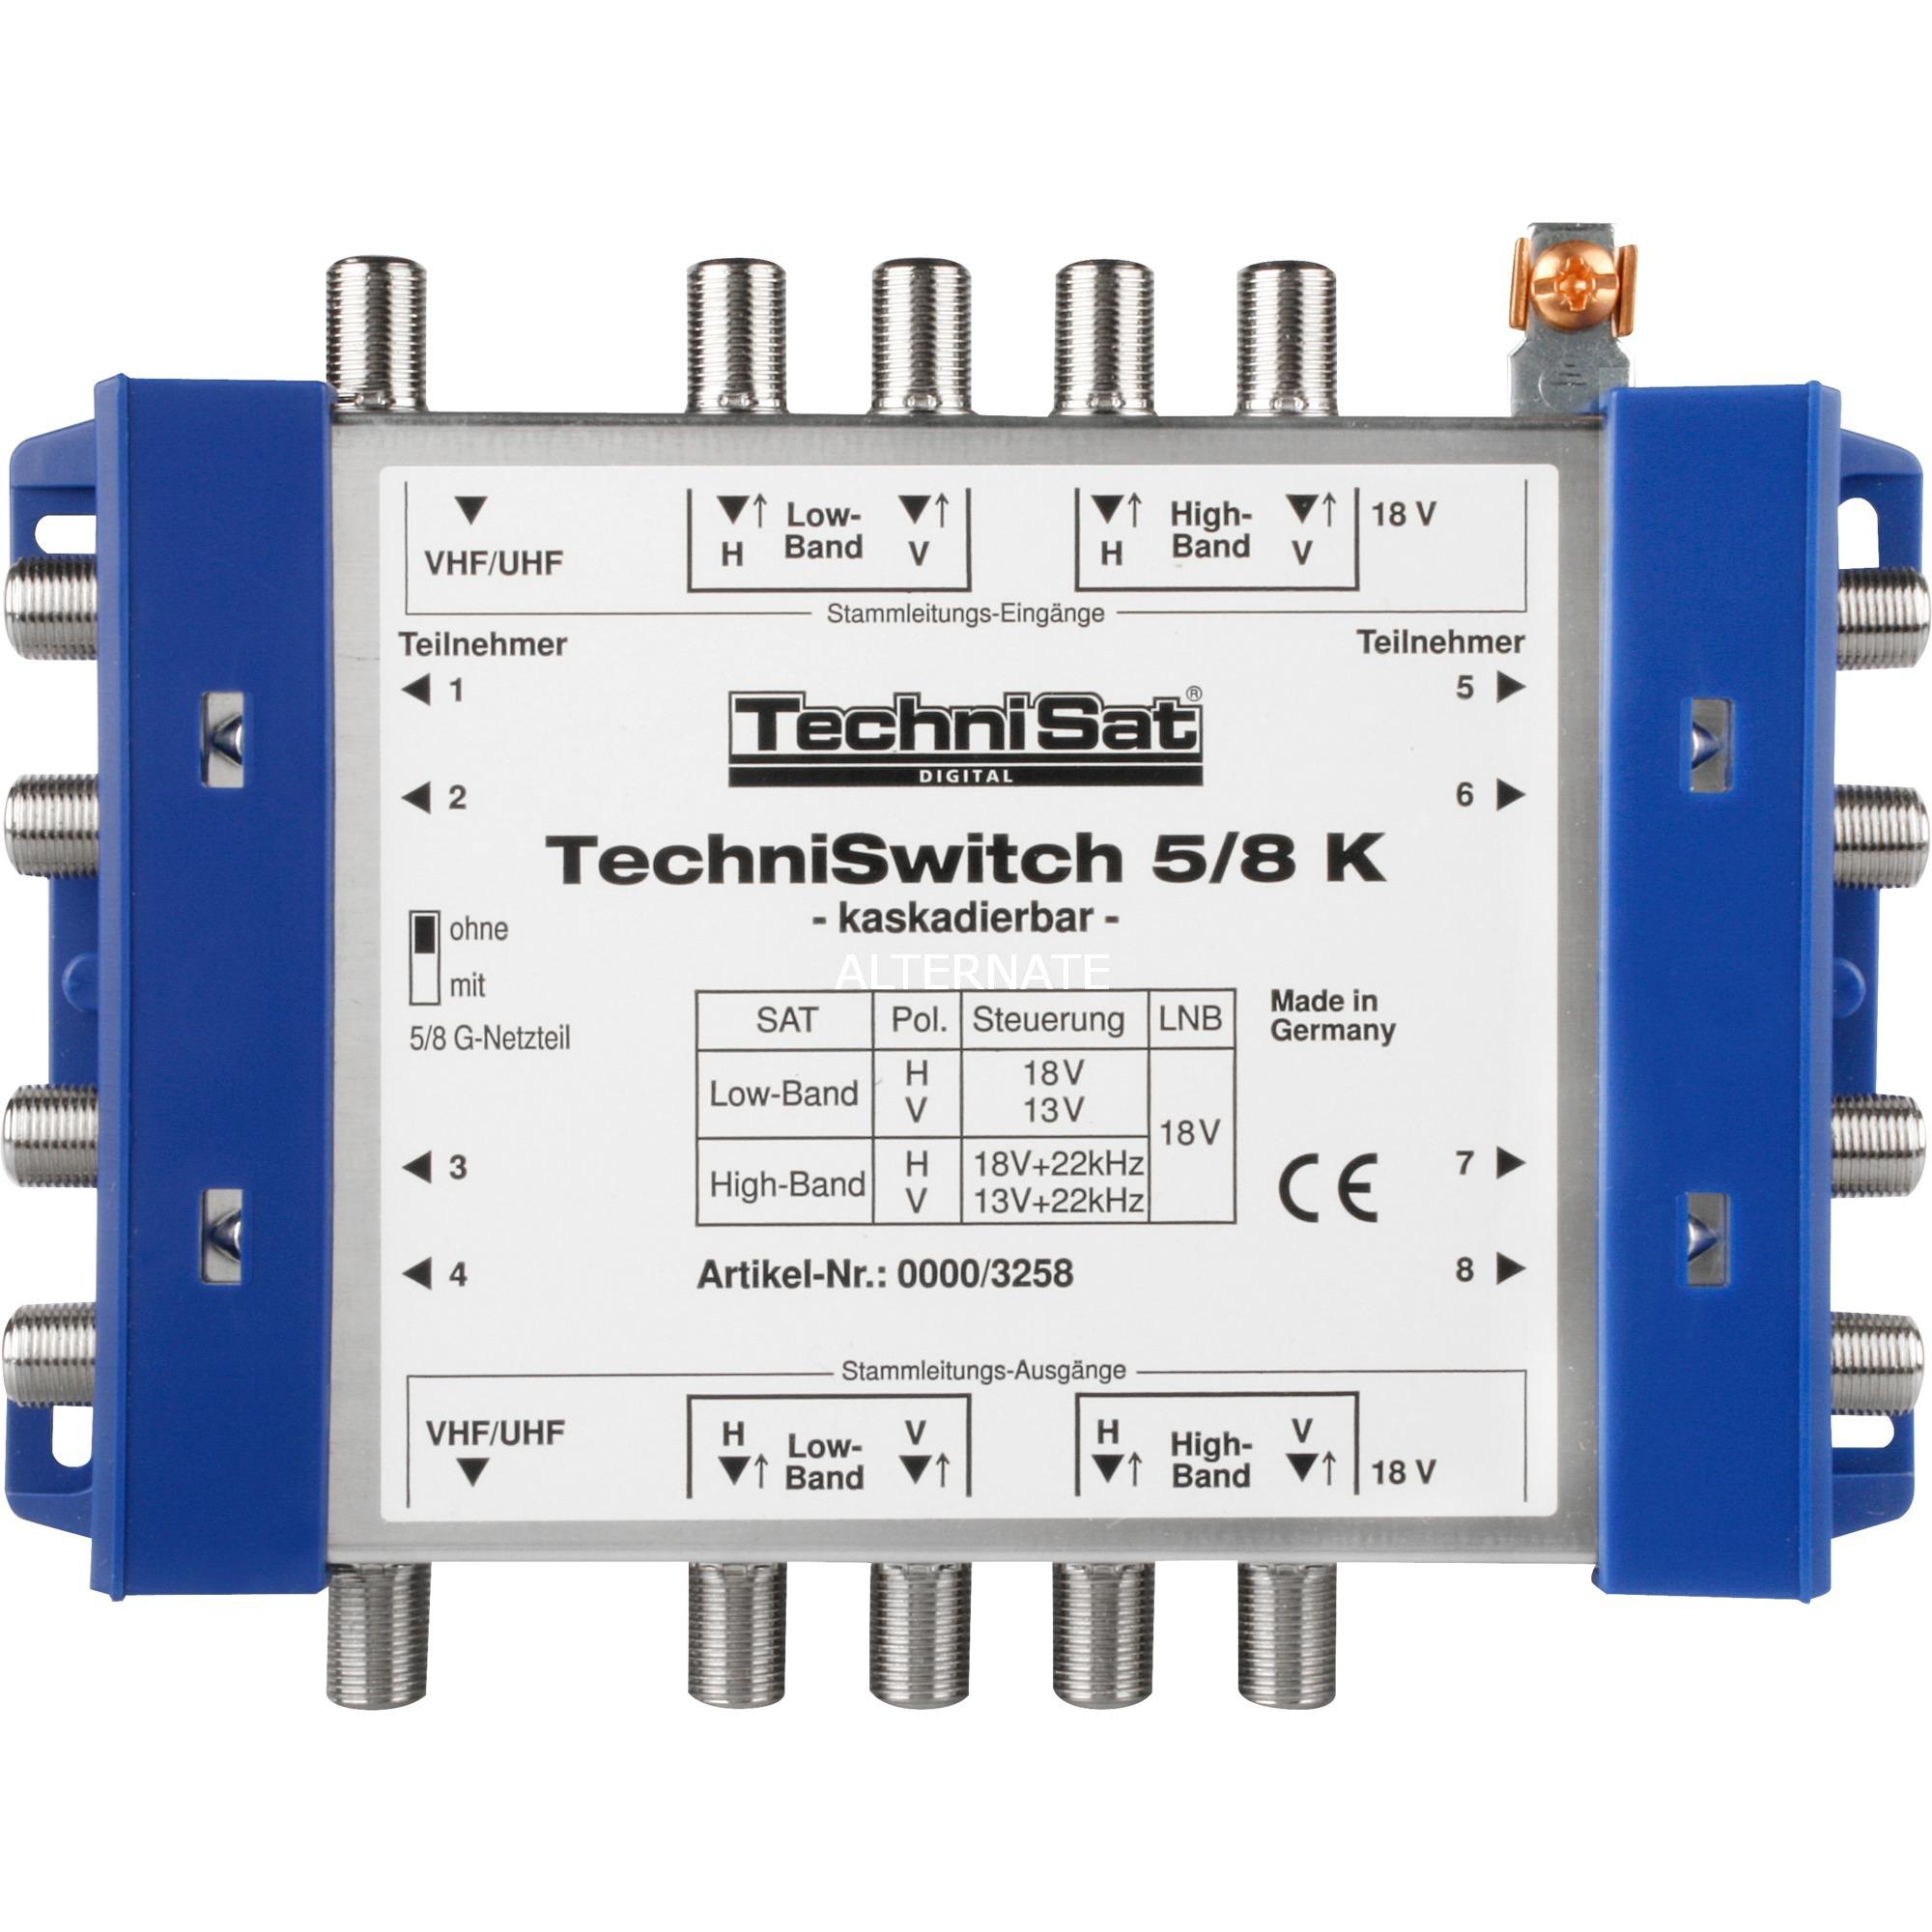 TechniSwitch 5/8 K Gris, Jaune adaptateur et connecteur de câbles, Multi commutateur